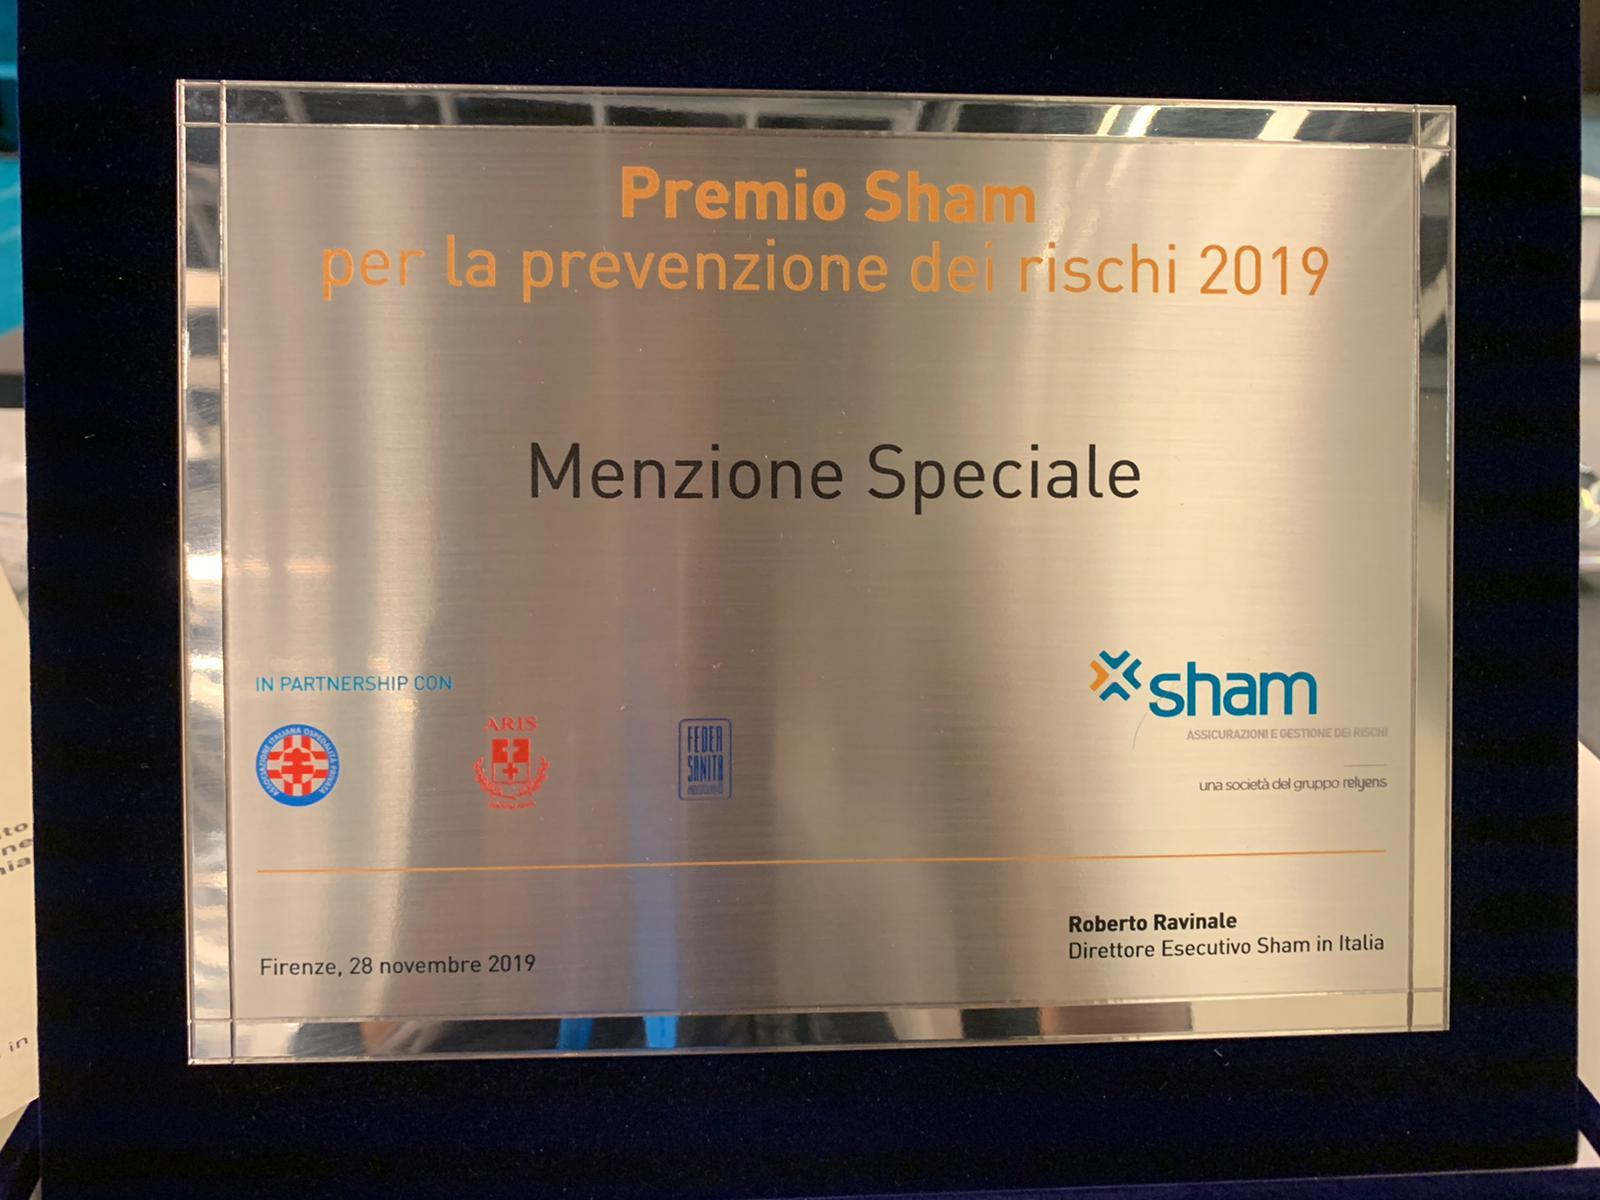 PREMIO SHAM, MENZIONE SPECIALE ALL'OSPEDALE BETANIA PER LA PREVENZIONE DEI RISCHI